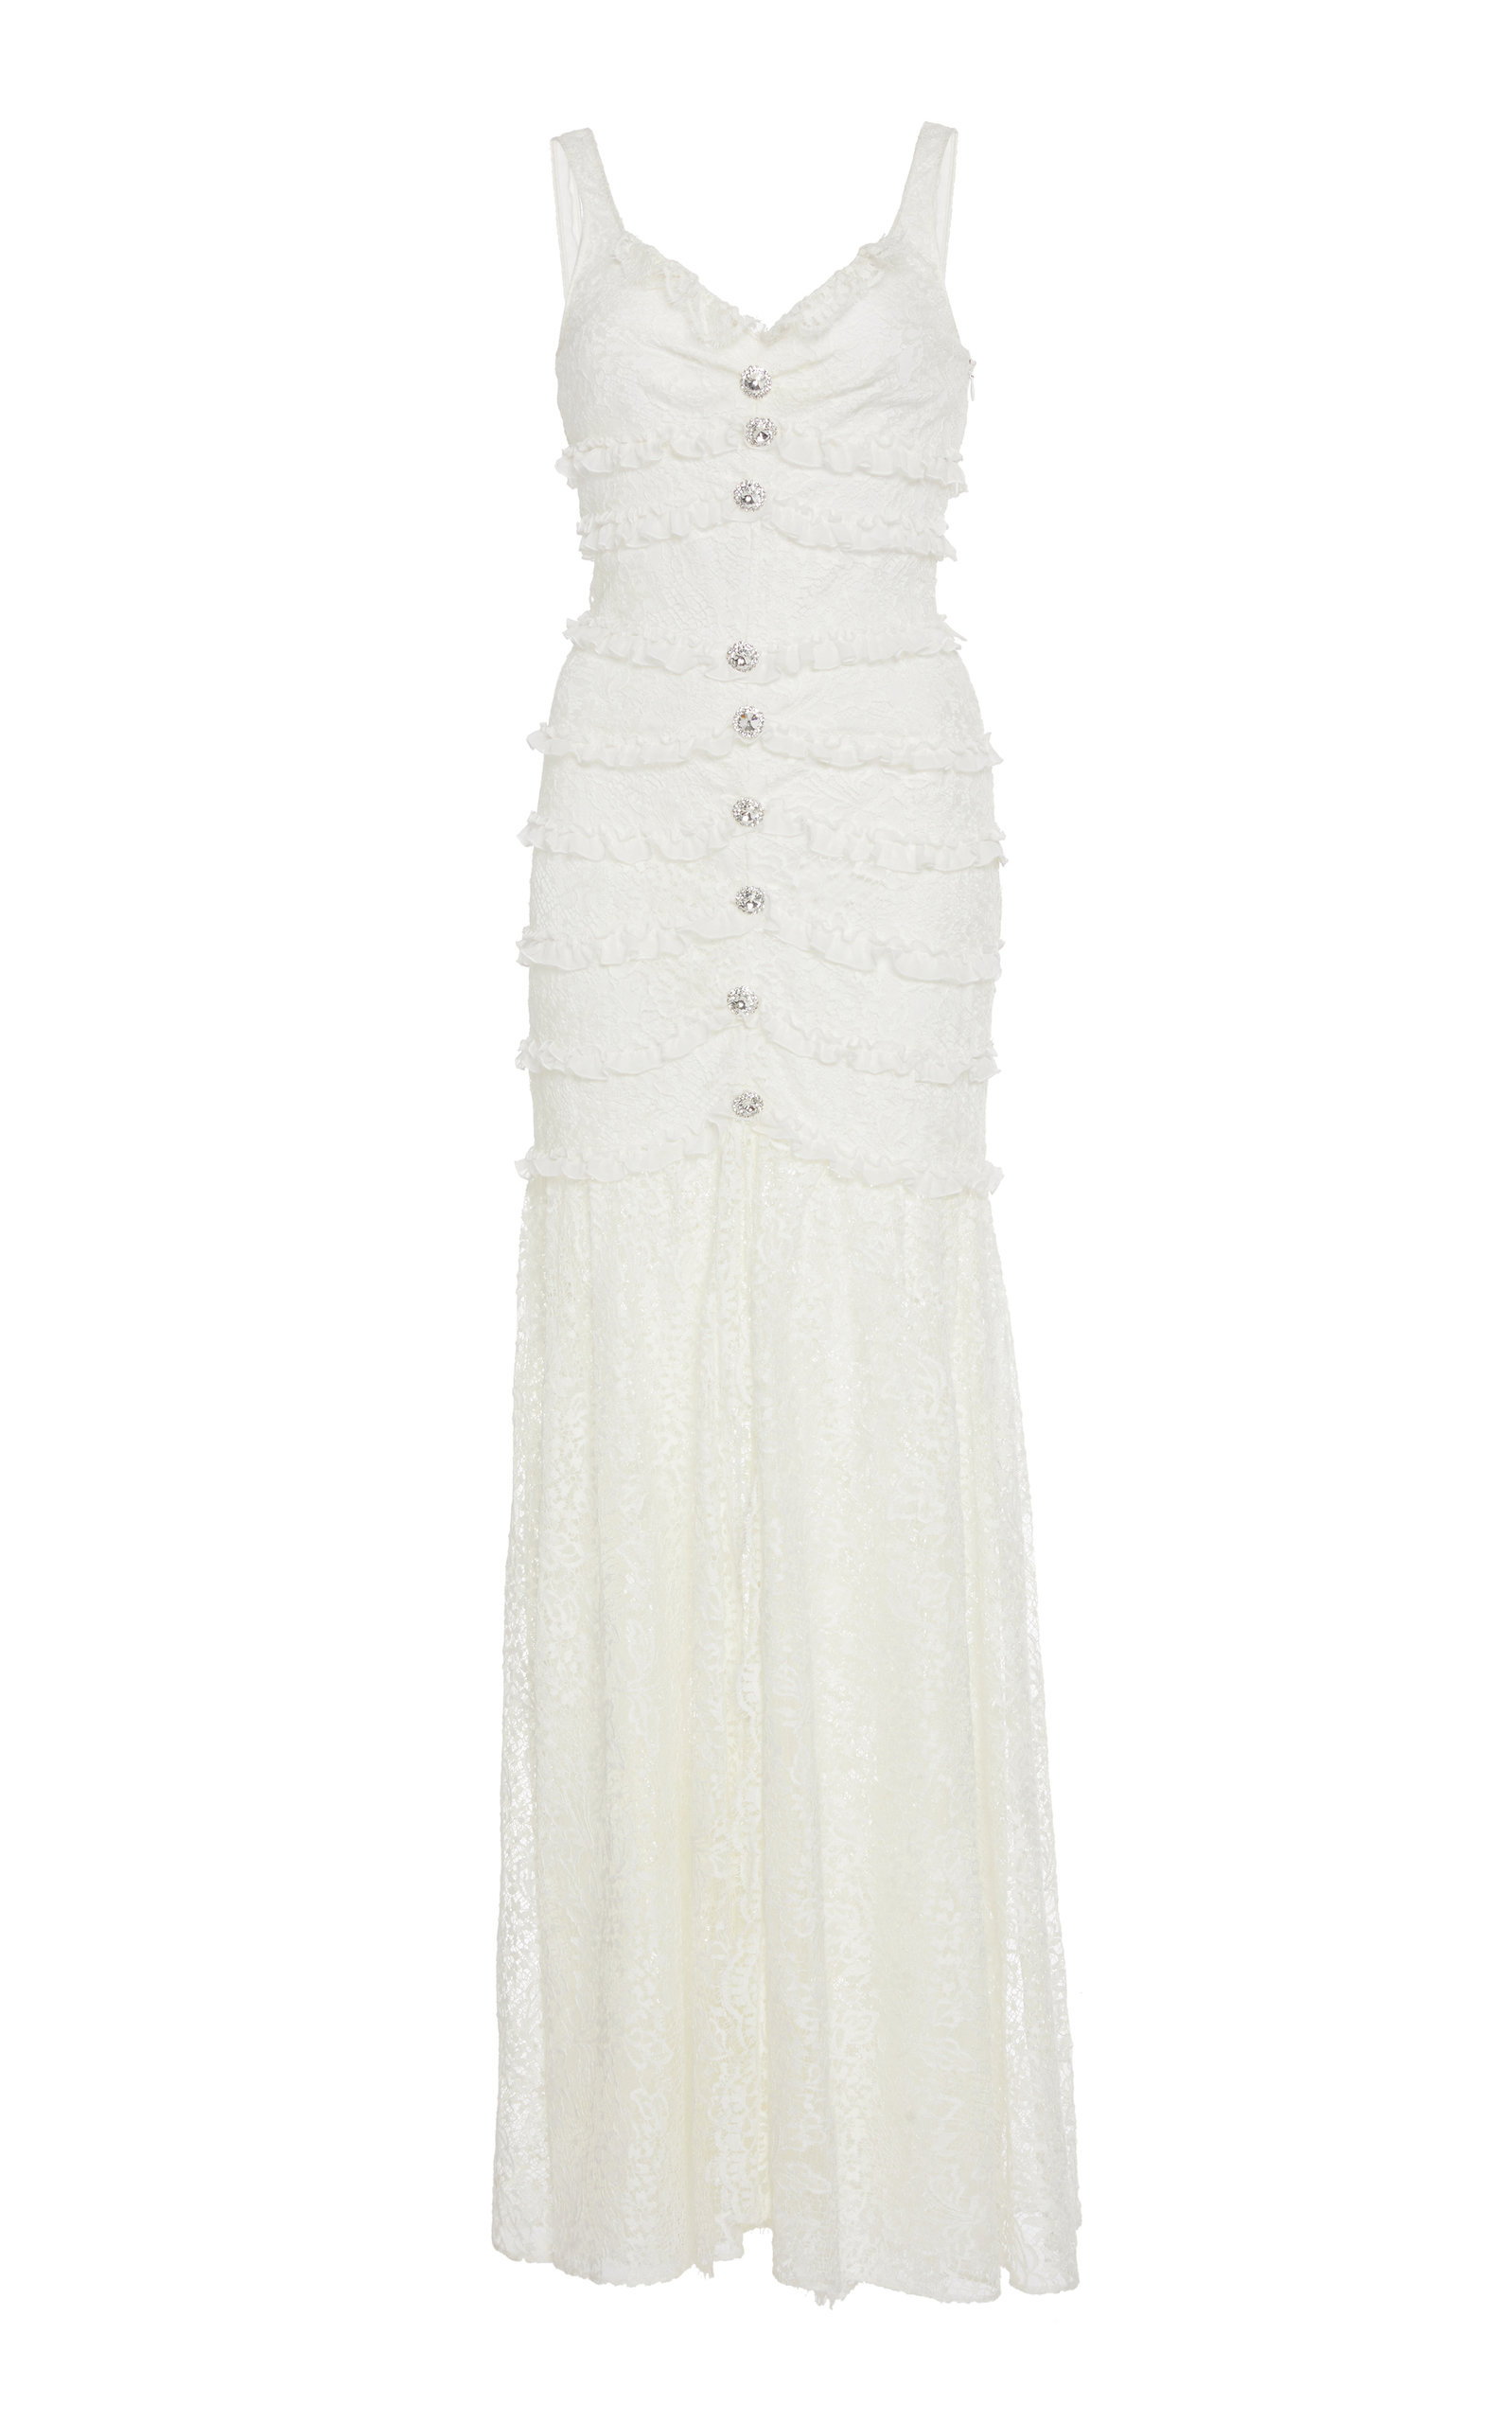 Alessandra Rich BUTTON-DETAIL LACE DRESS